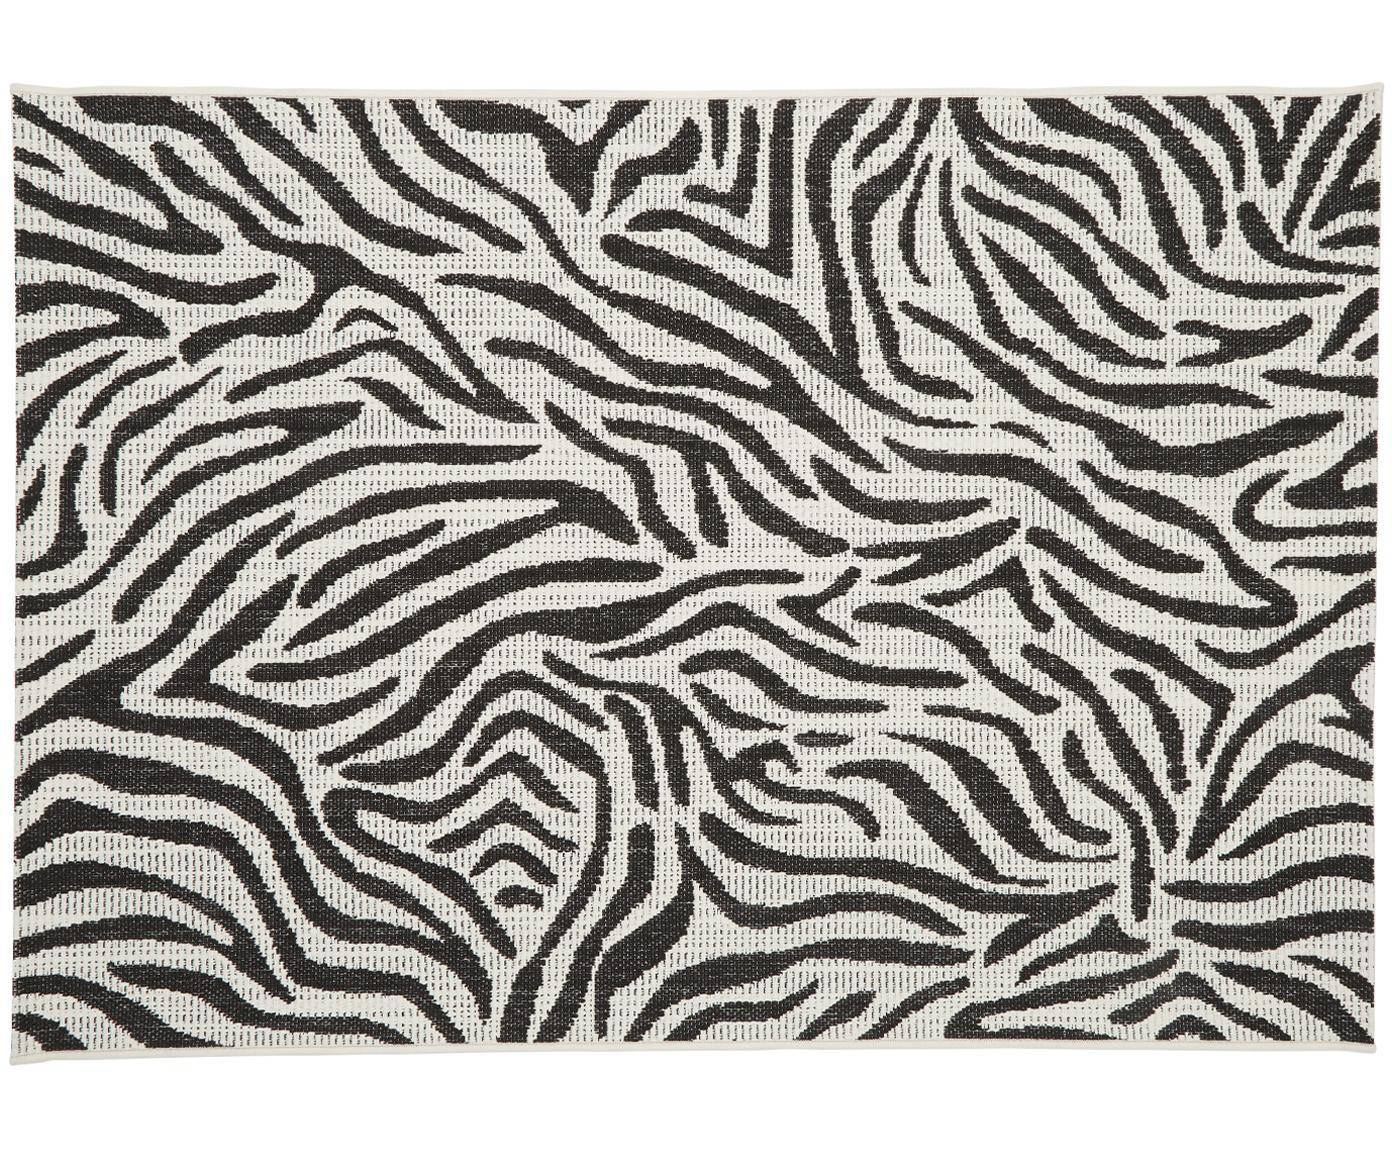 In- & Outdoor-Teppich Exotic mit Zebra Print, Flor: 100% Polypropylen, Cremeweiss, Schwarz, B 120 x L 170 cm (Grösse S)